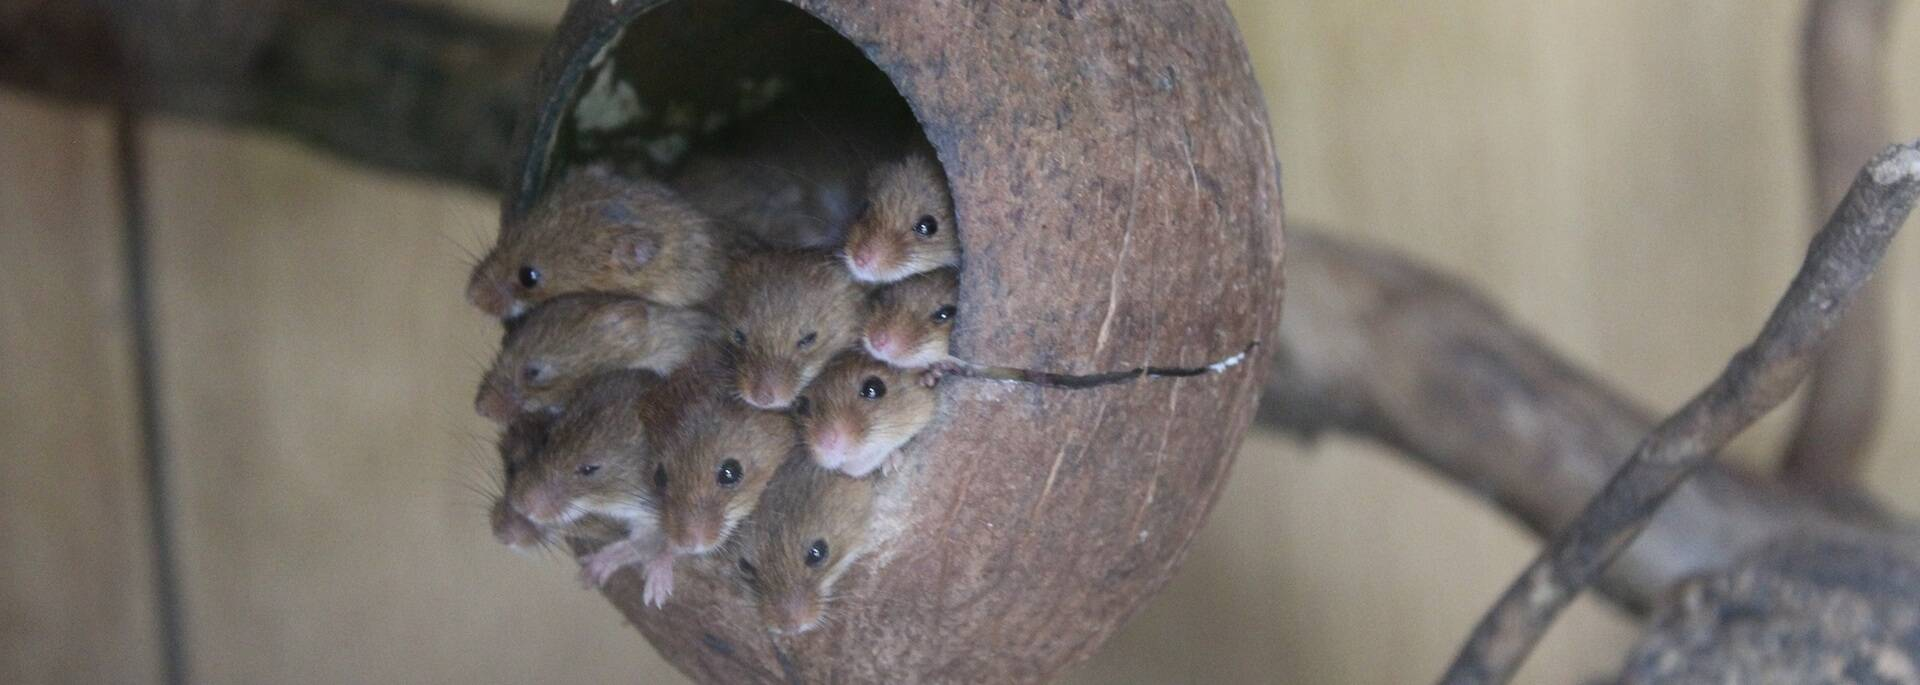 Famille de rongeurs du Zoodyssée - ©P.Migaud / FDHPA17